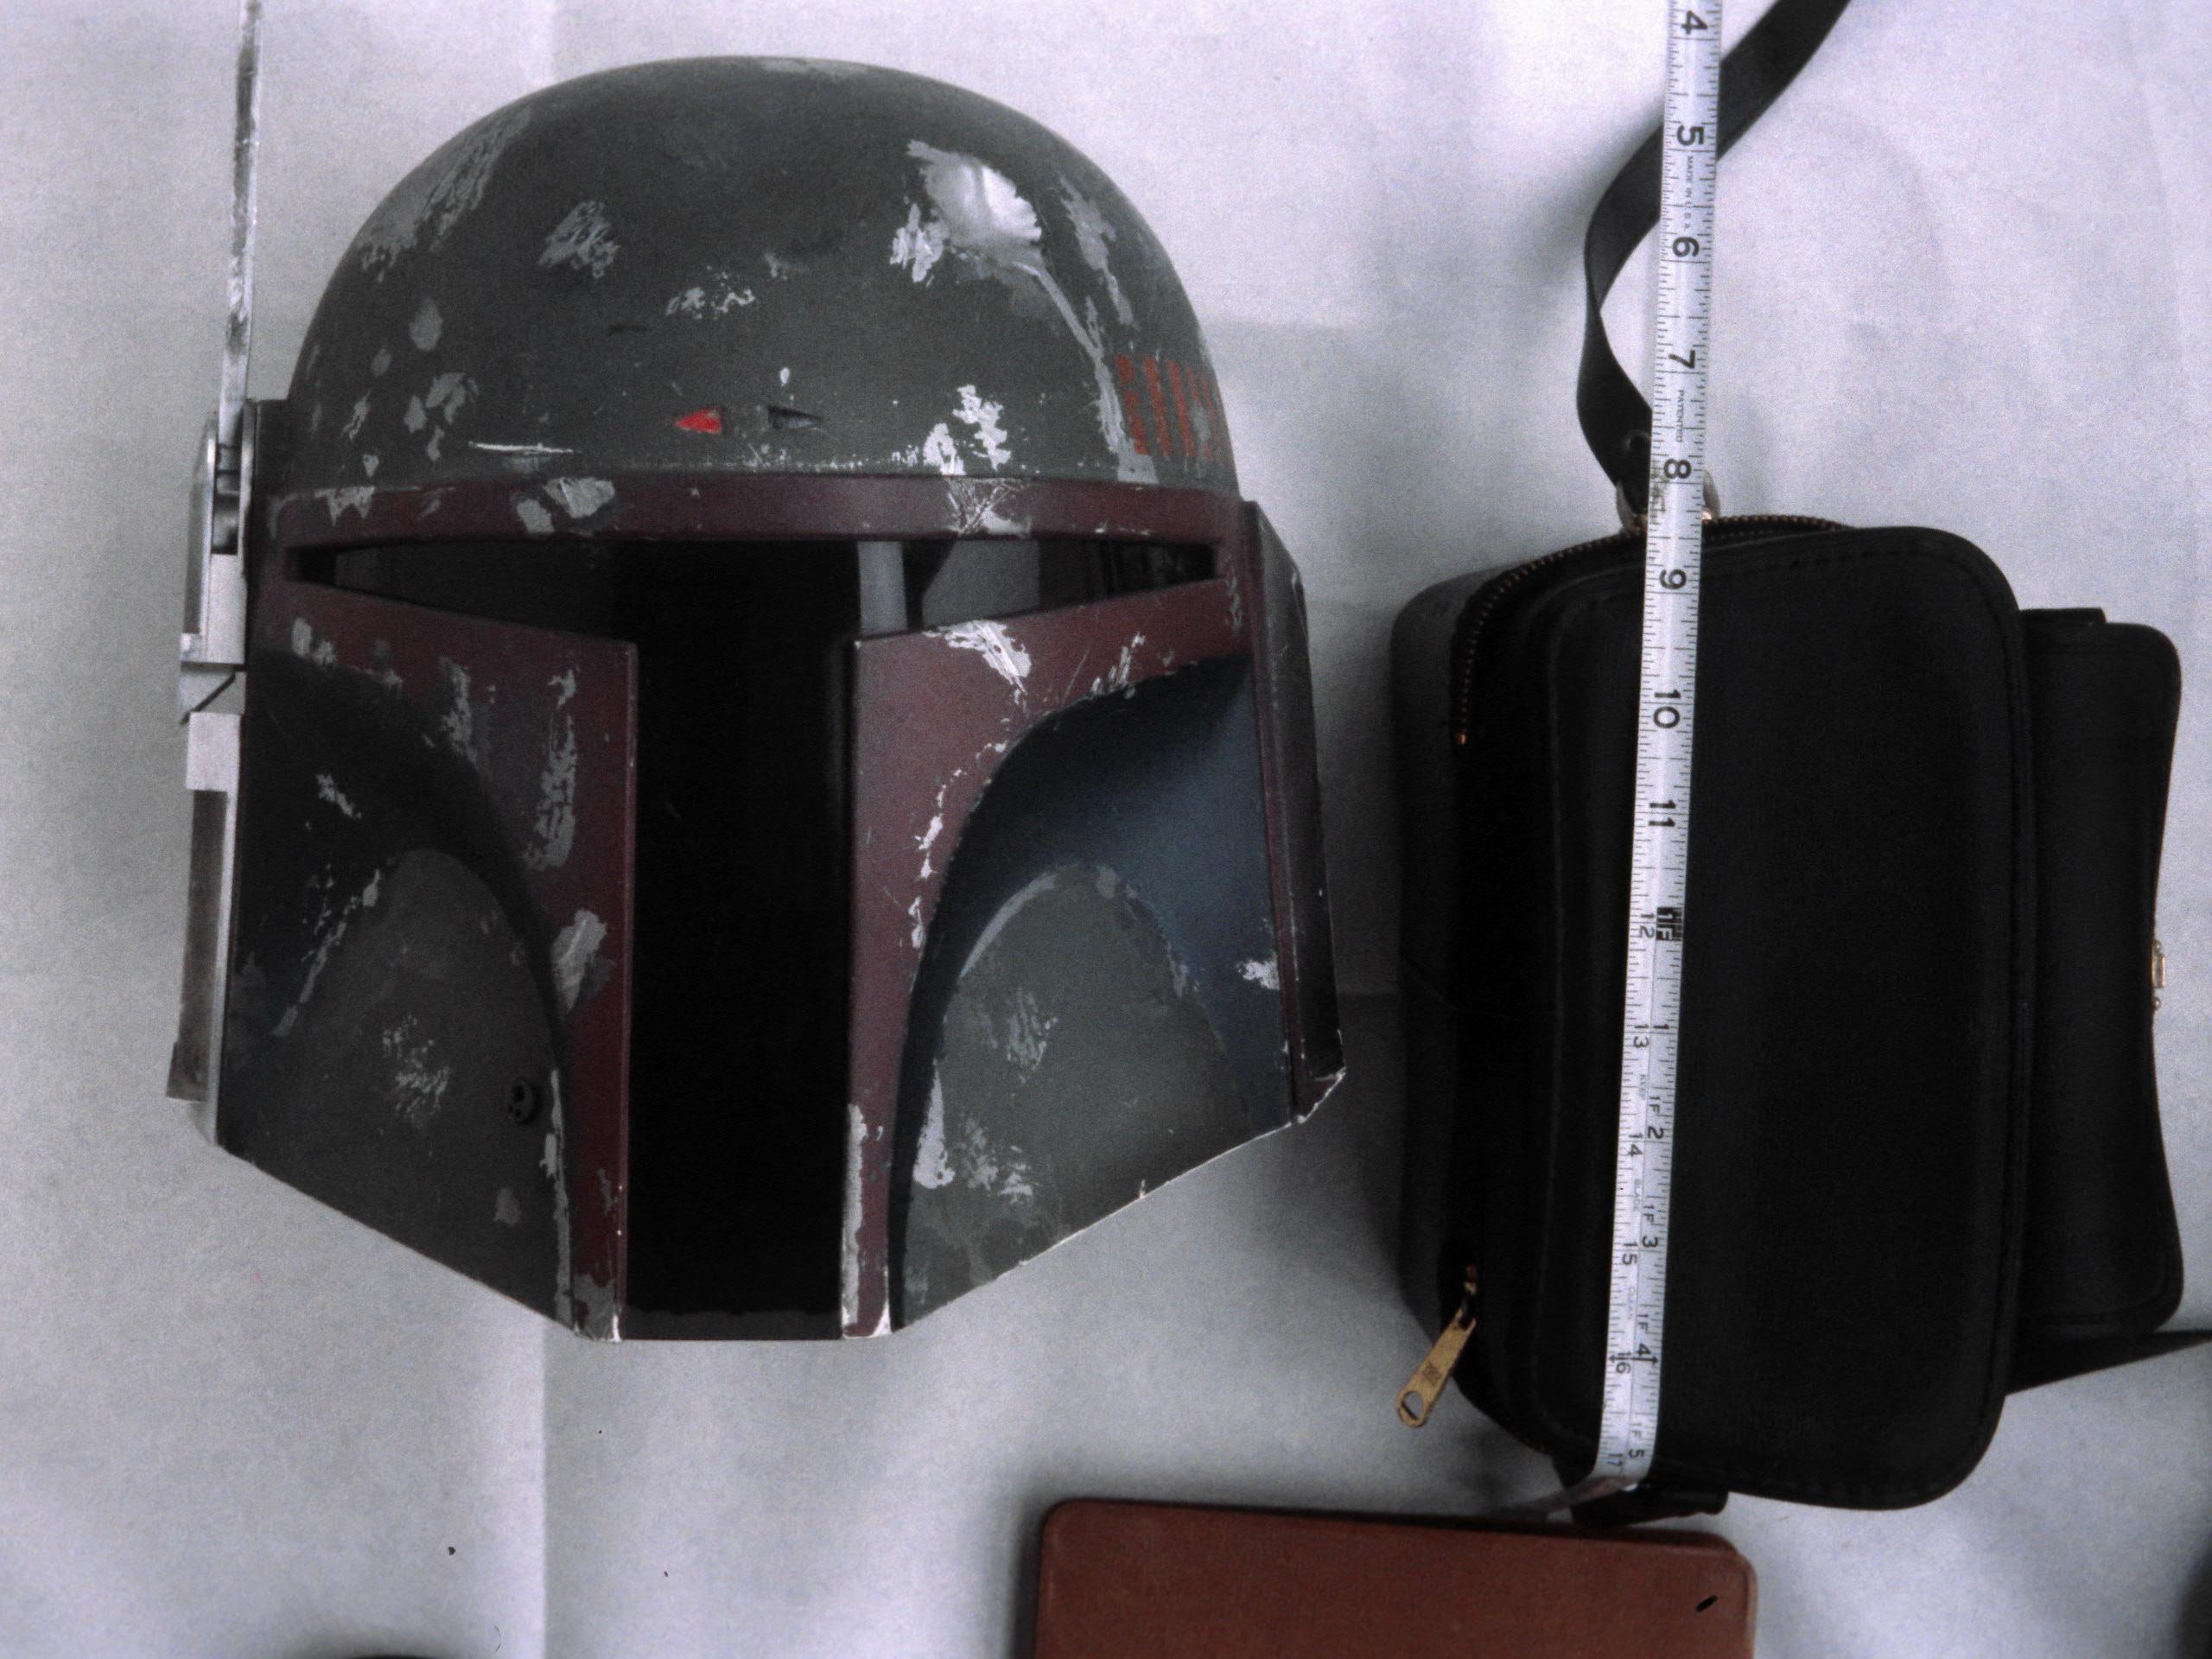 Boba-Fett-Return-of-the-Jedi-Helmet-07.jpg